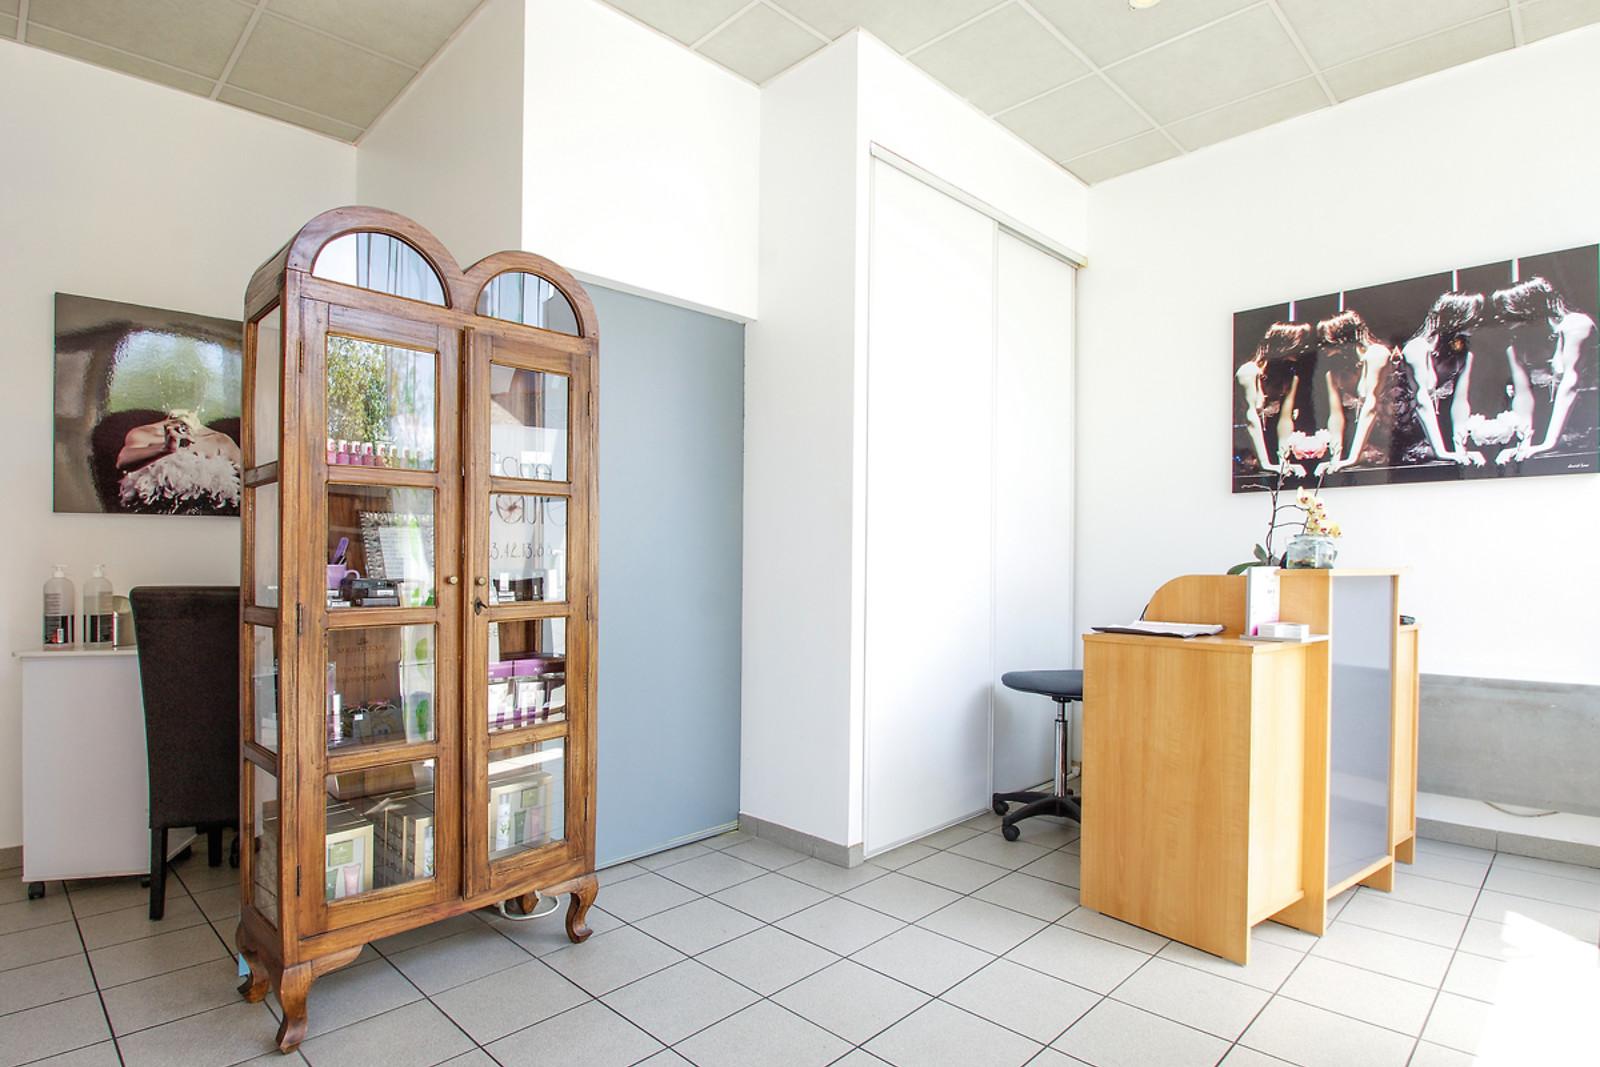 modelage aux pierres chaudes et french manucure l 39 espace. Black Bedroom Furniture Sets. Home Design Ideas